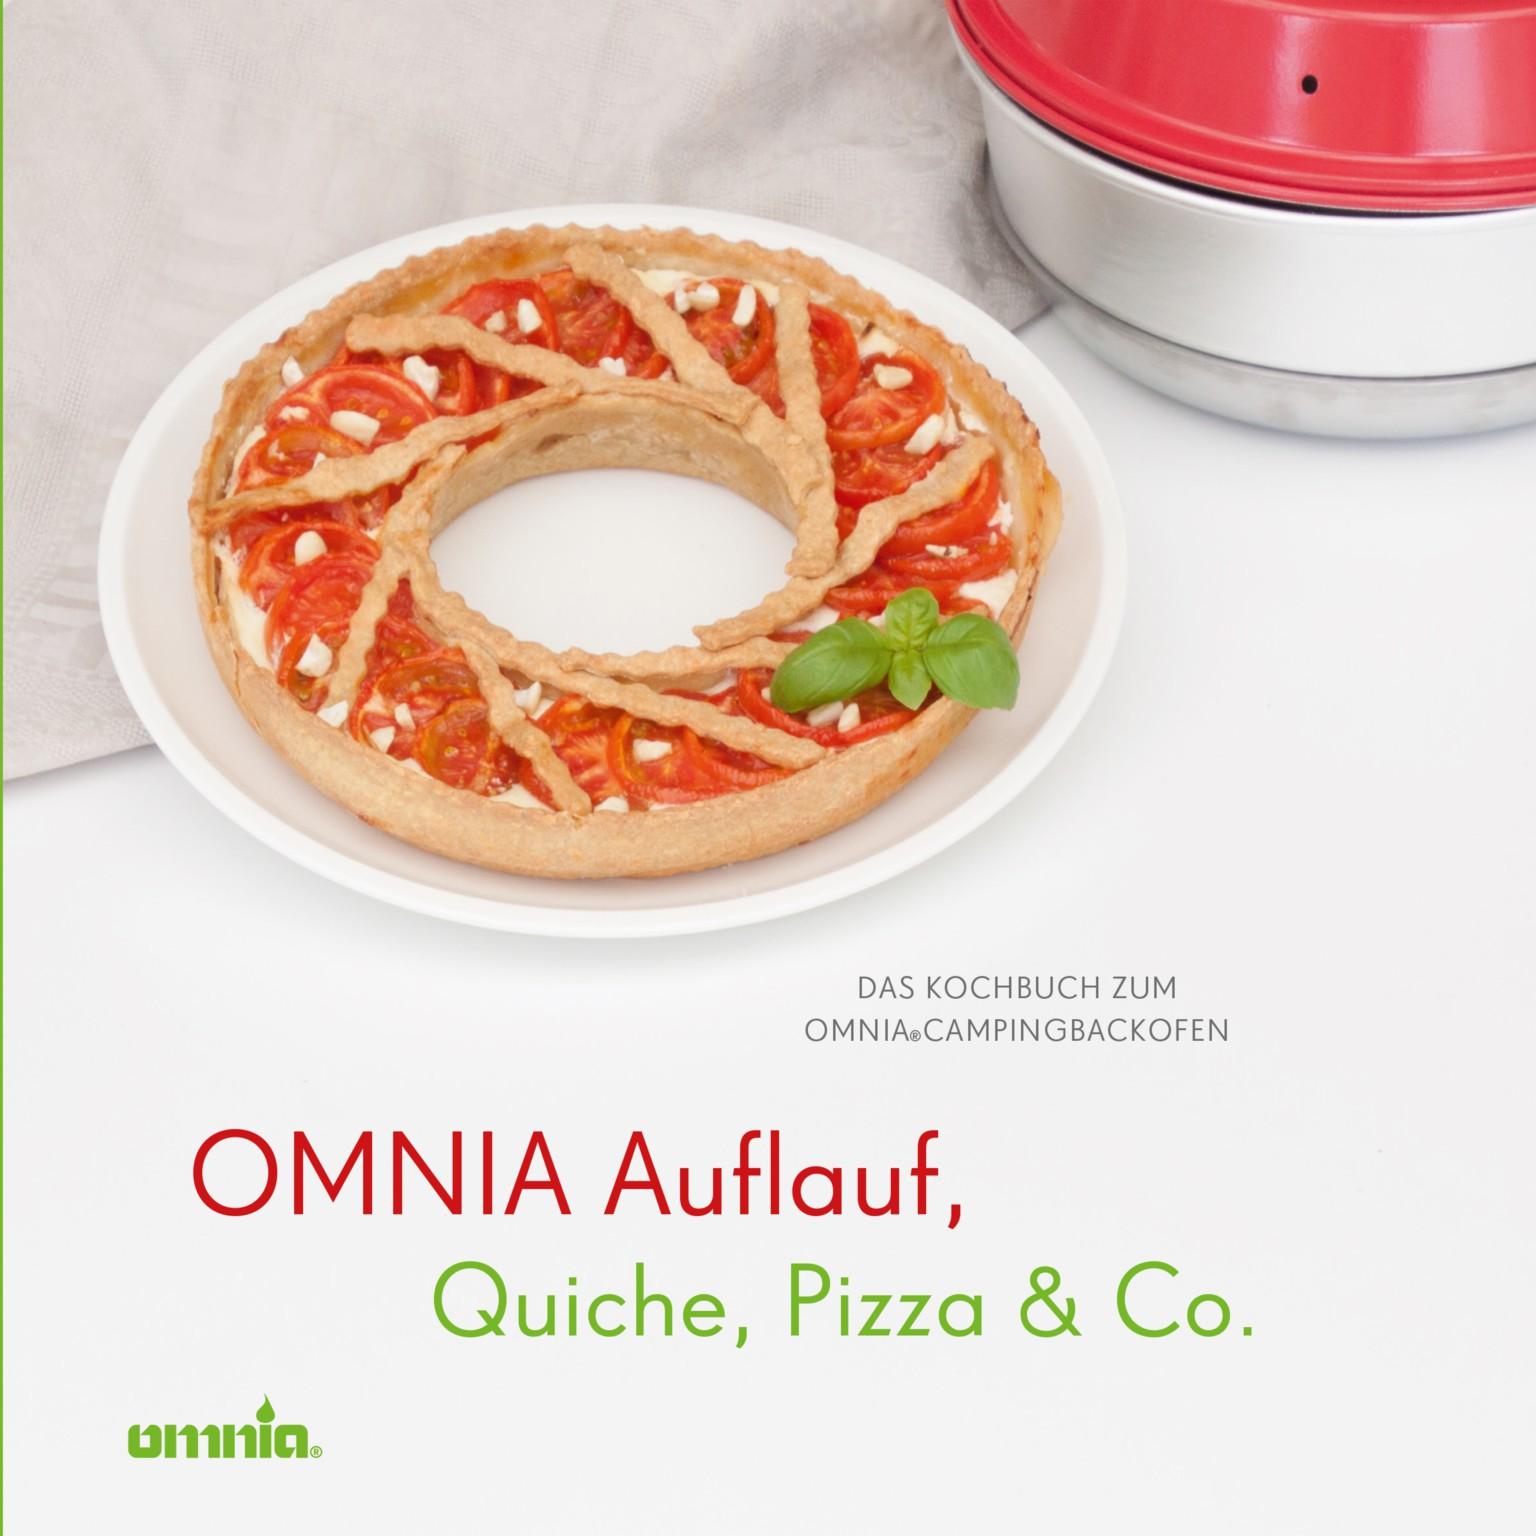 OMNIA Kochbuch für Auflauf, Quiche, Pizza & Co.